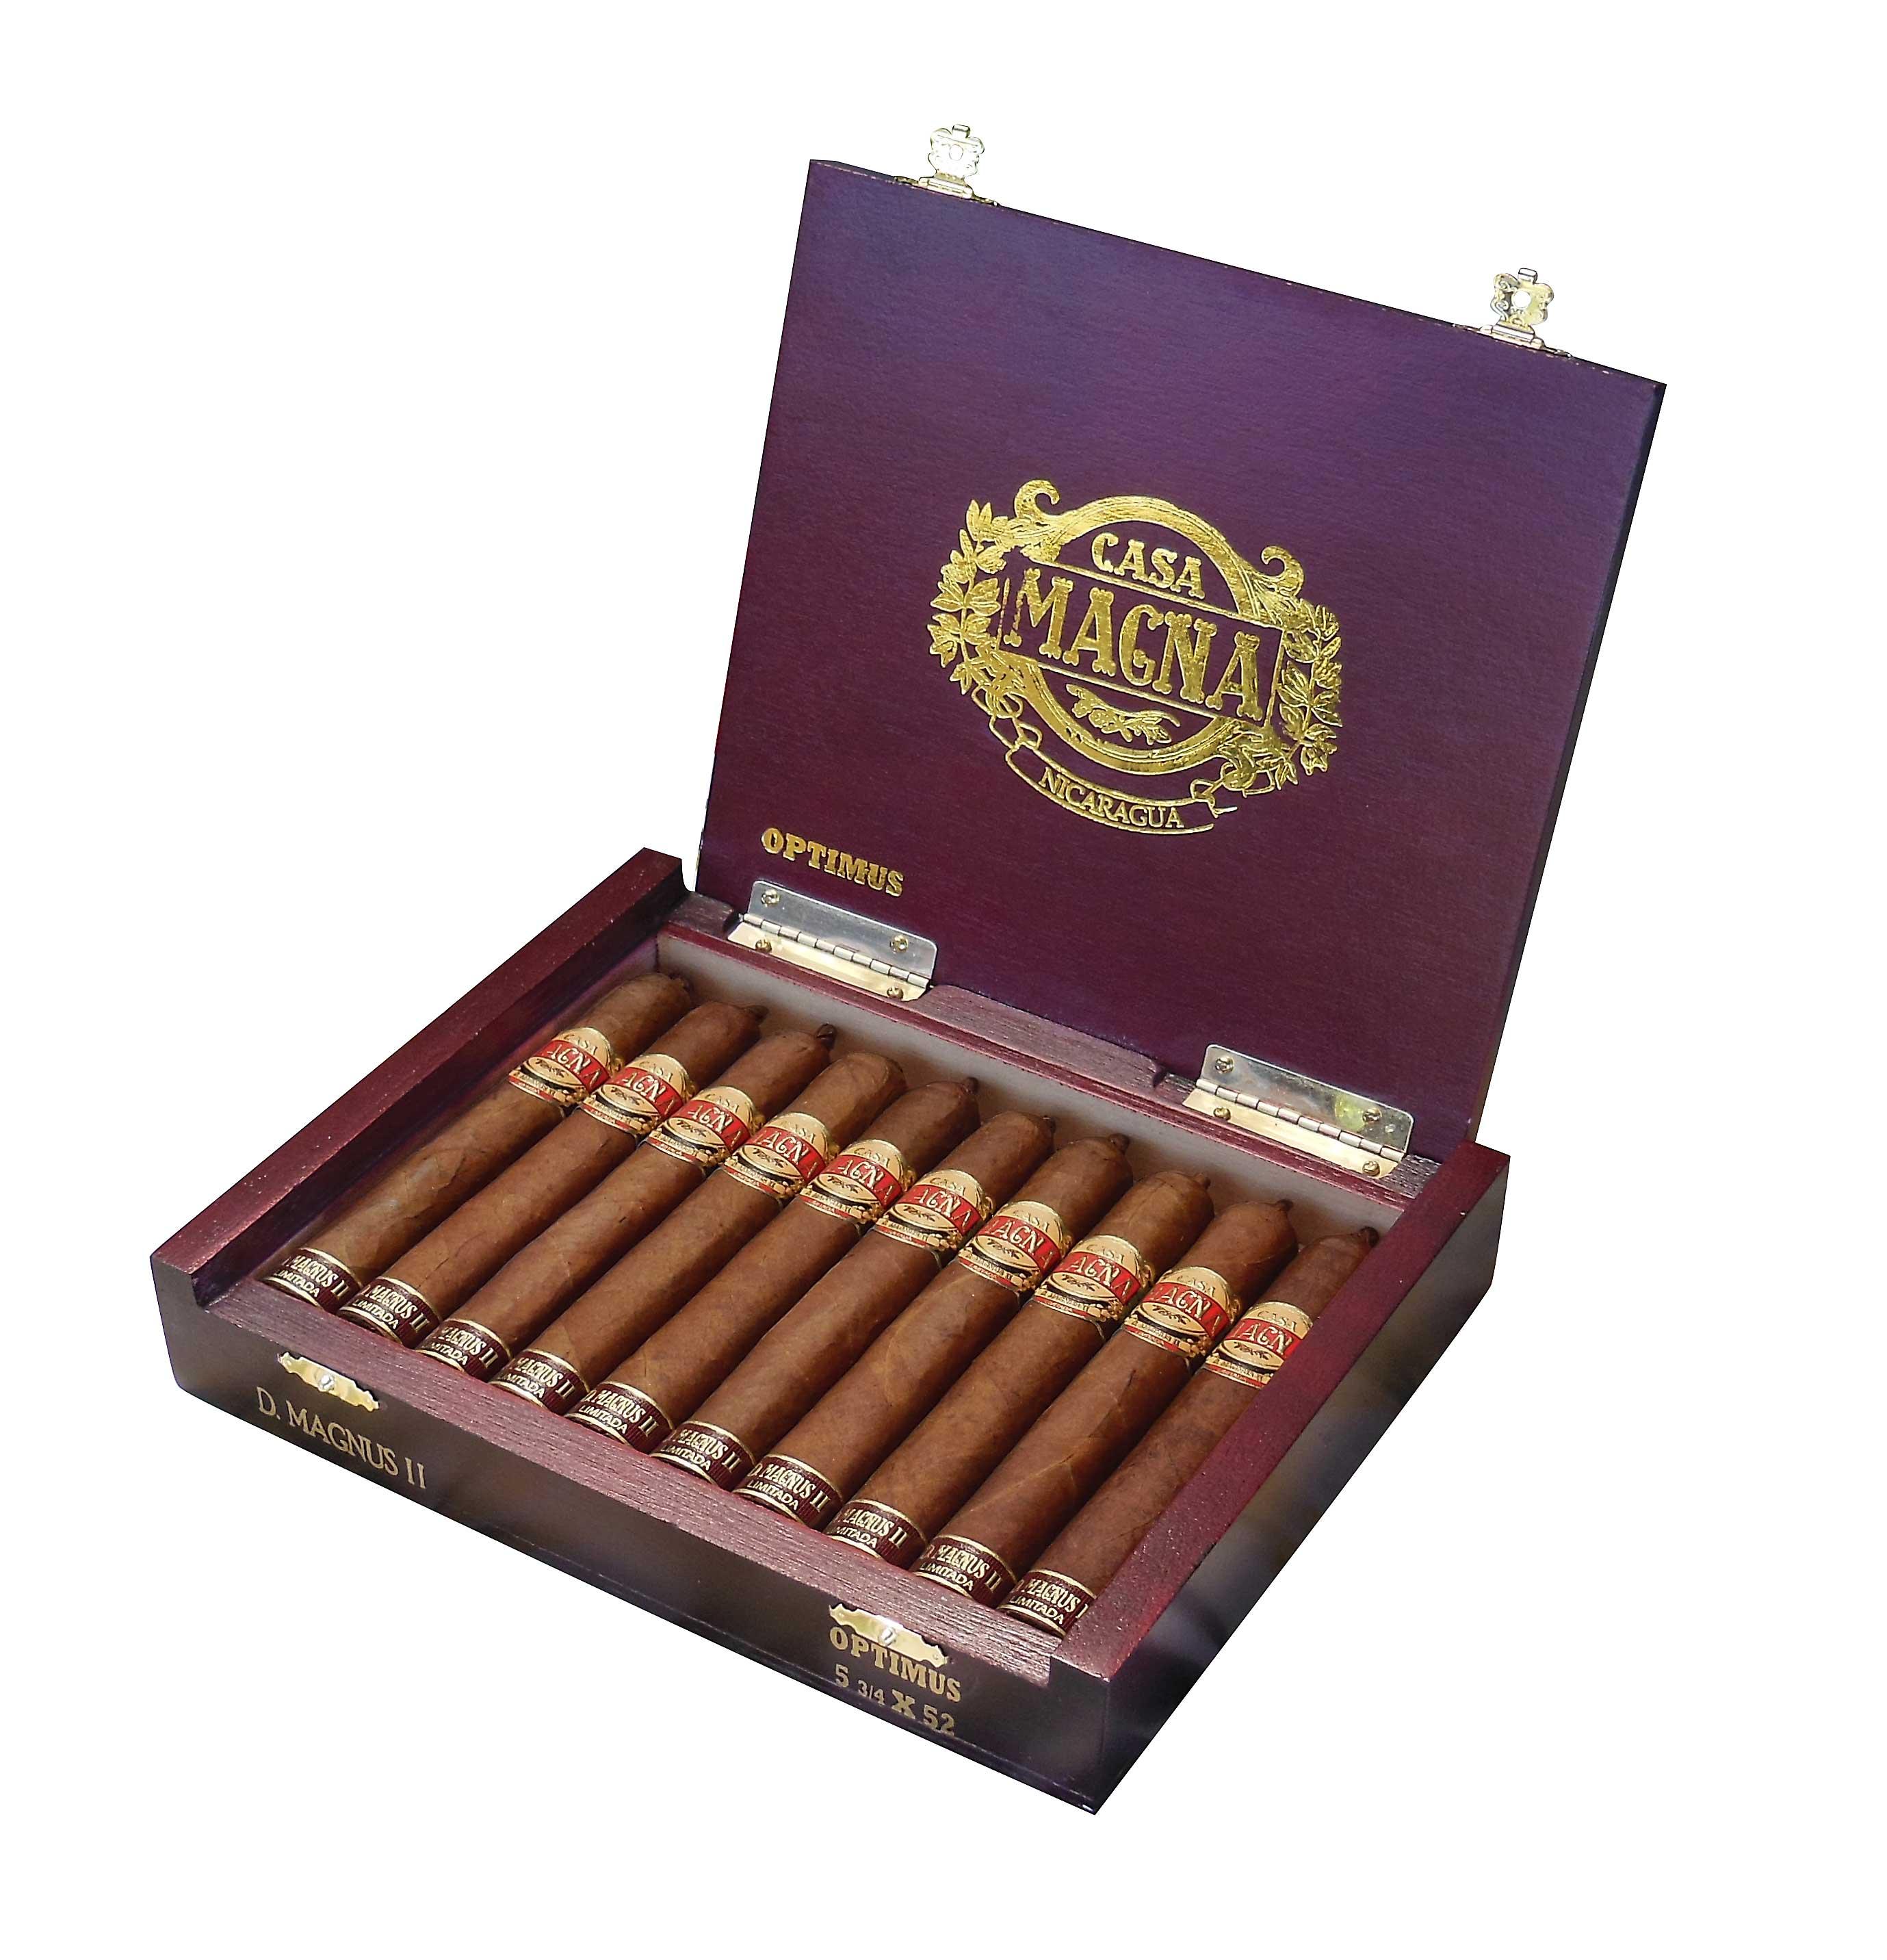 Casa Magna Domus Magnus II Cigars